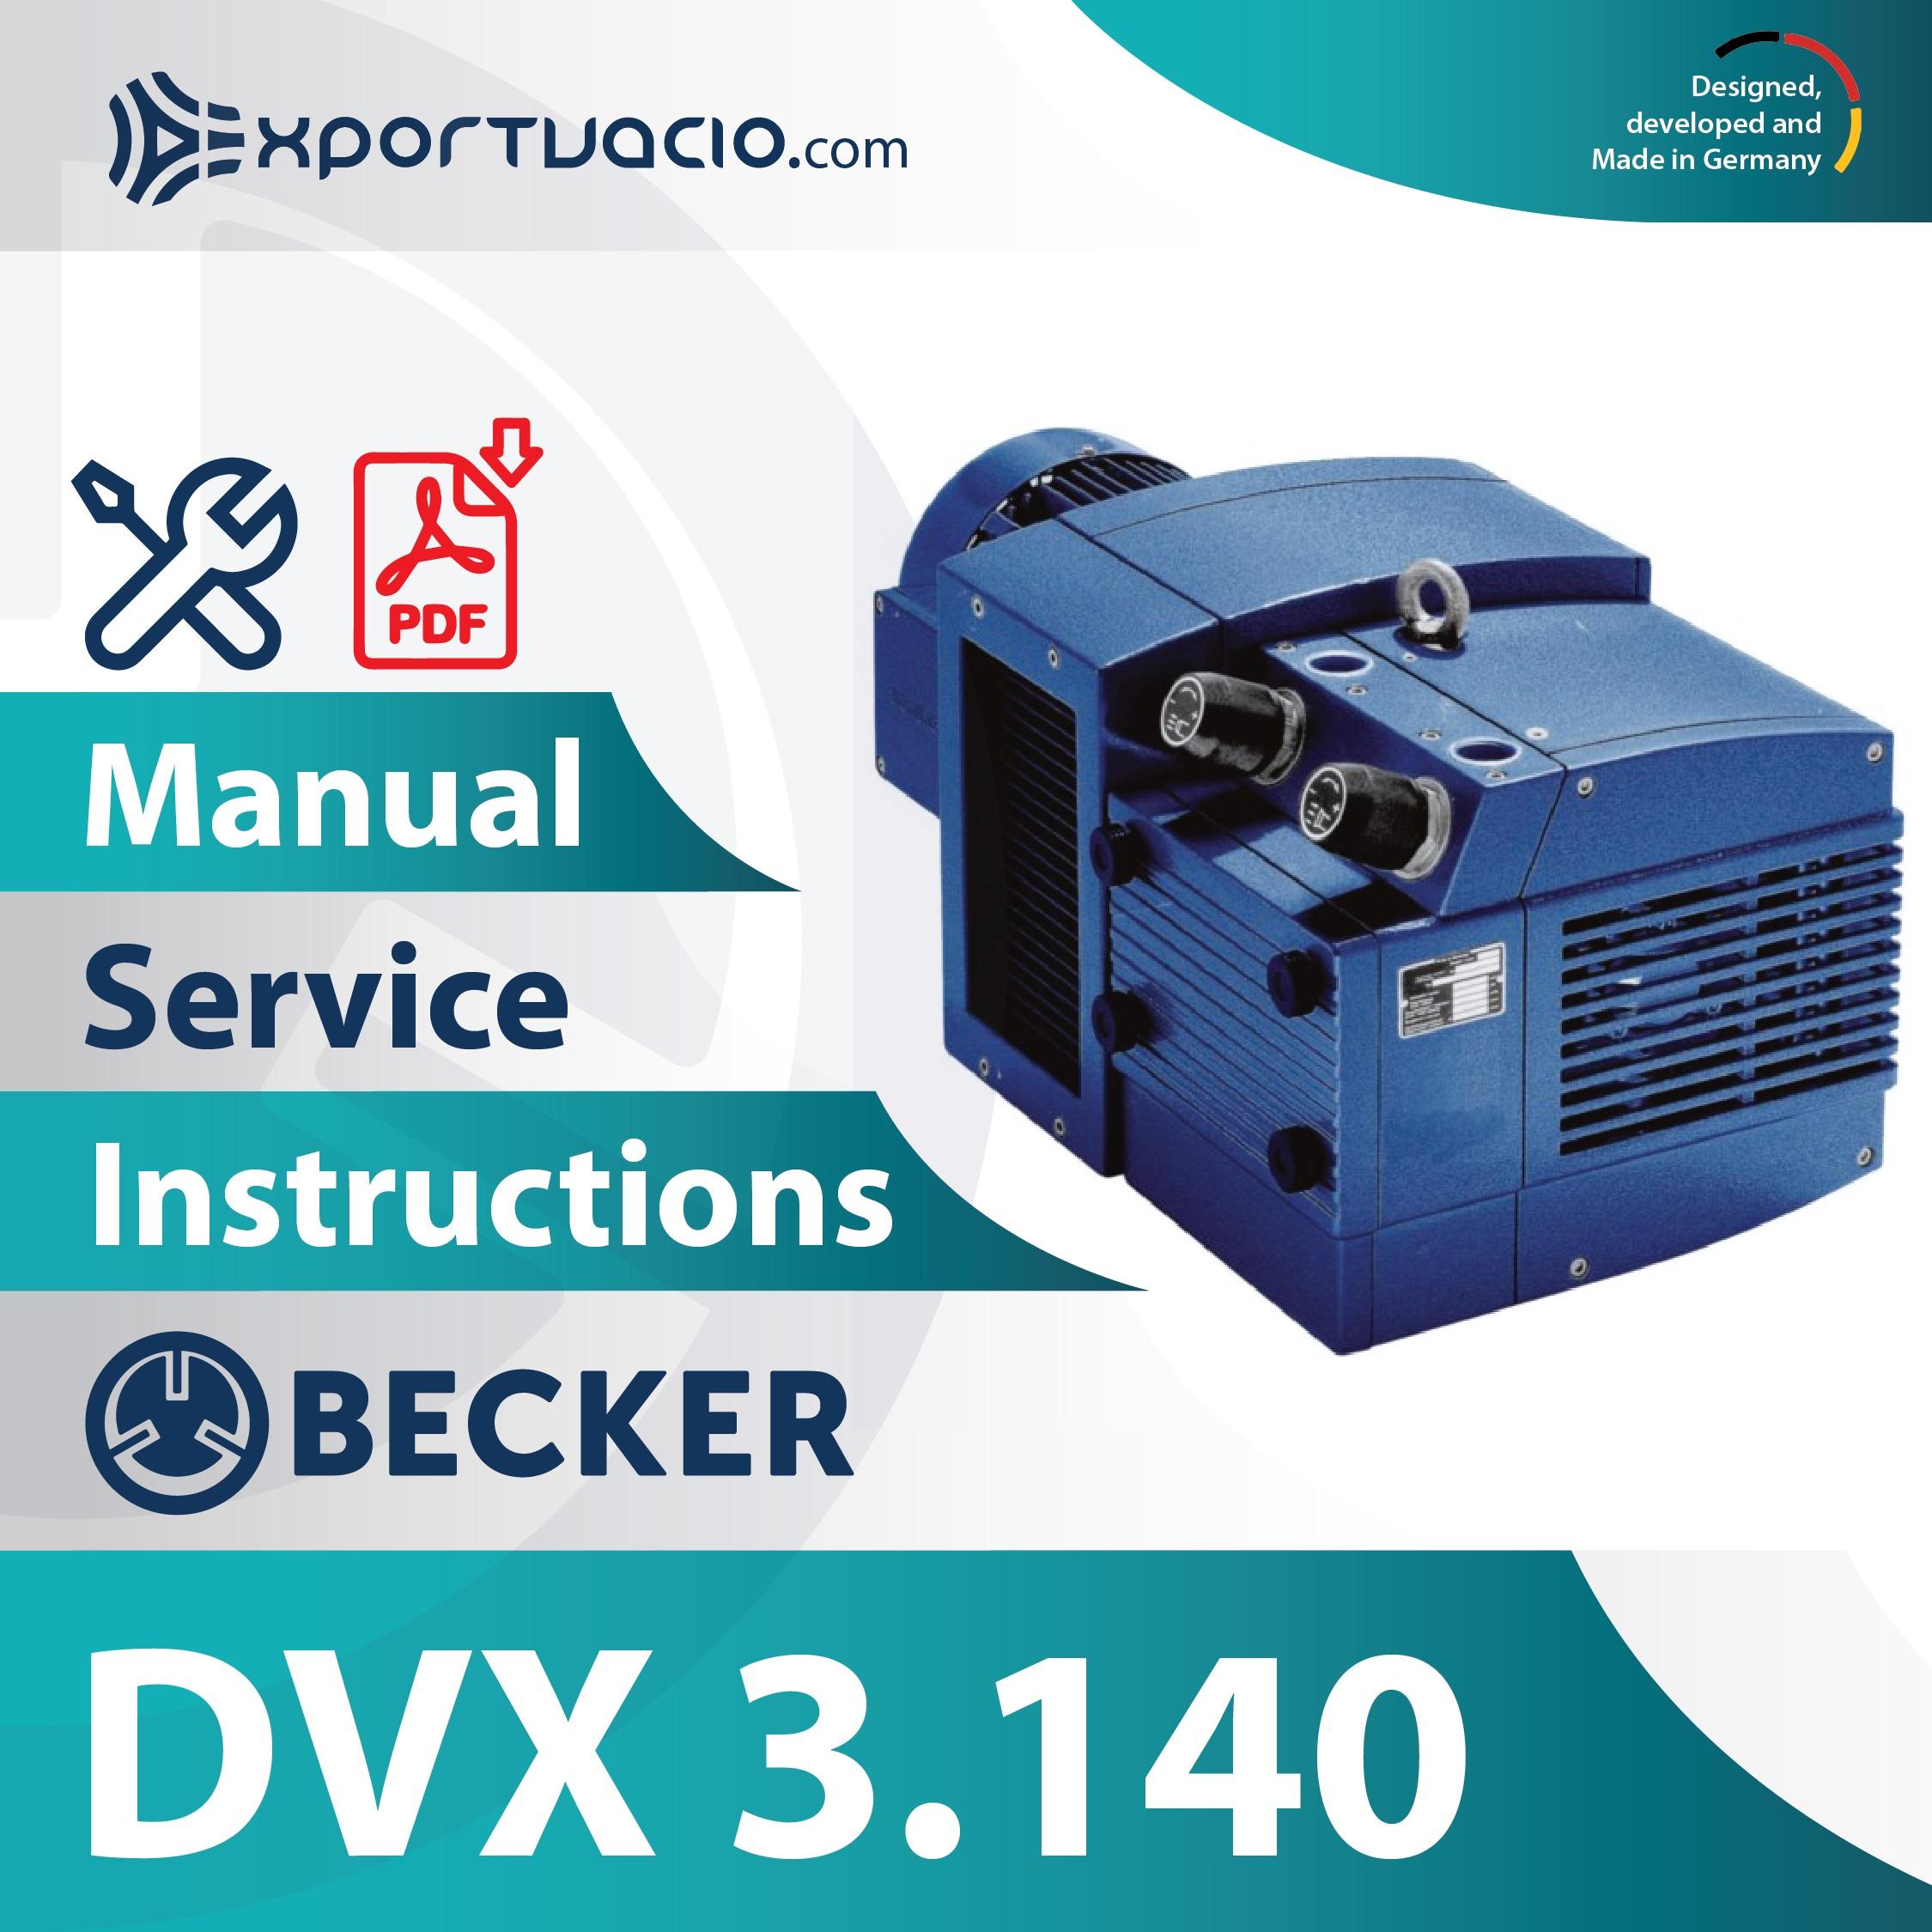 Becker DVX 3.140